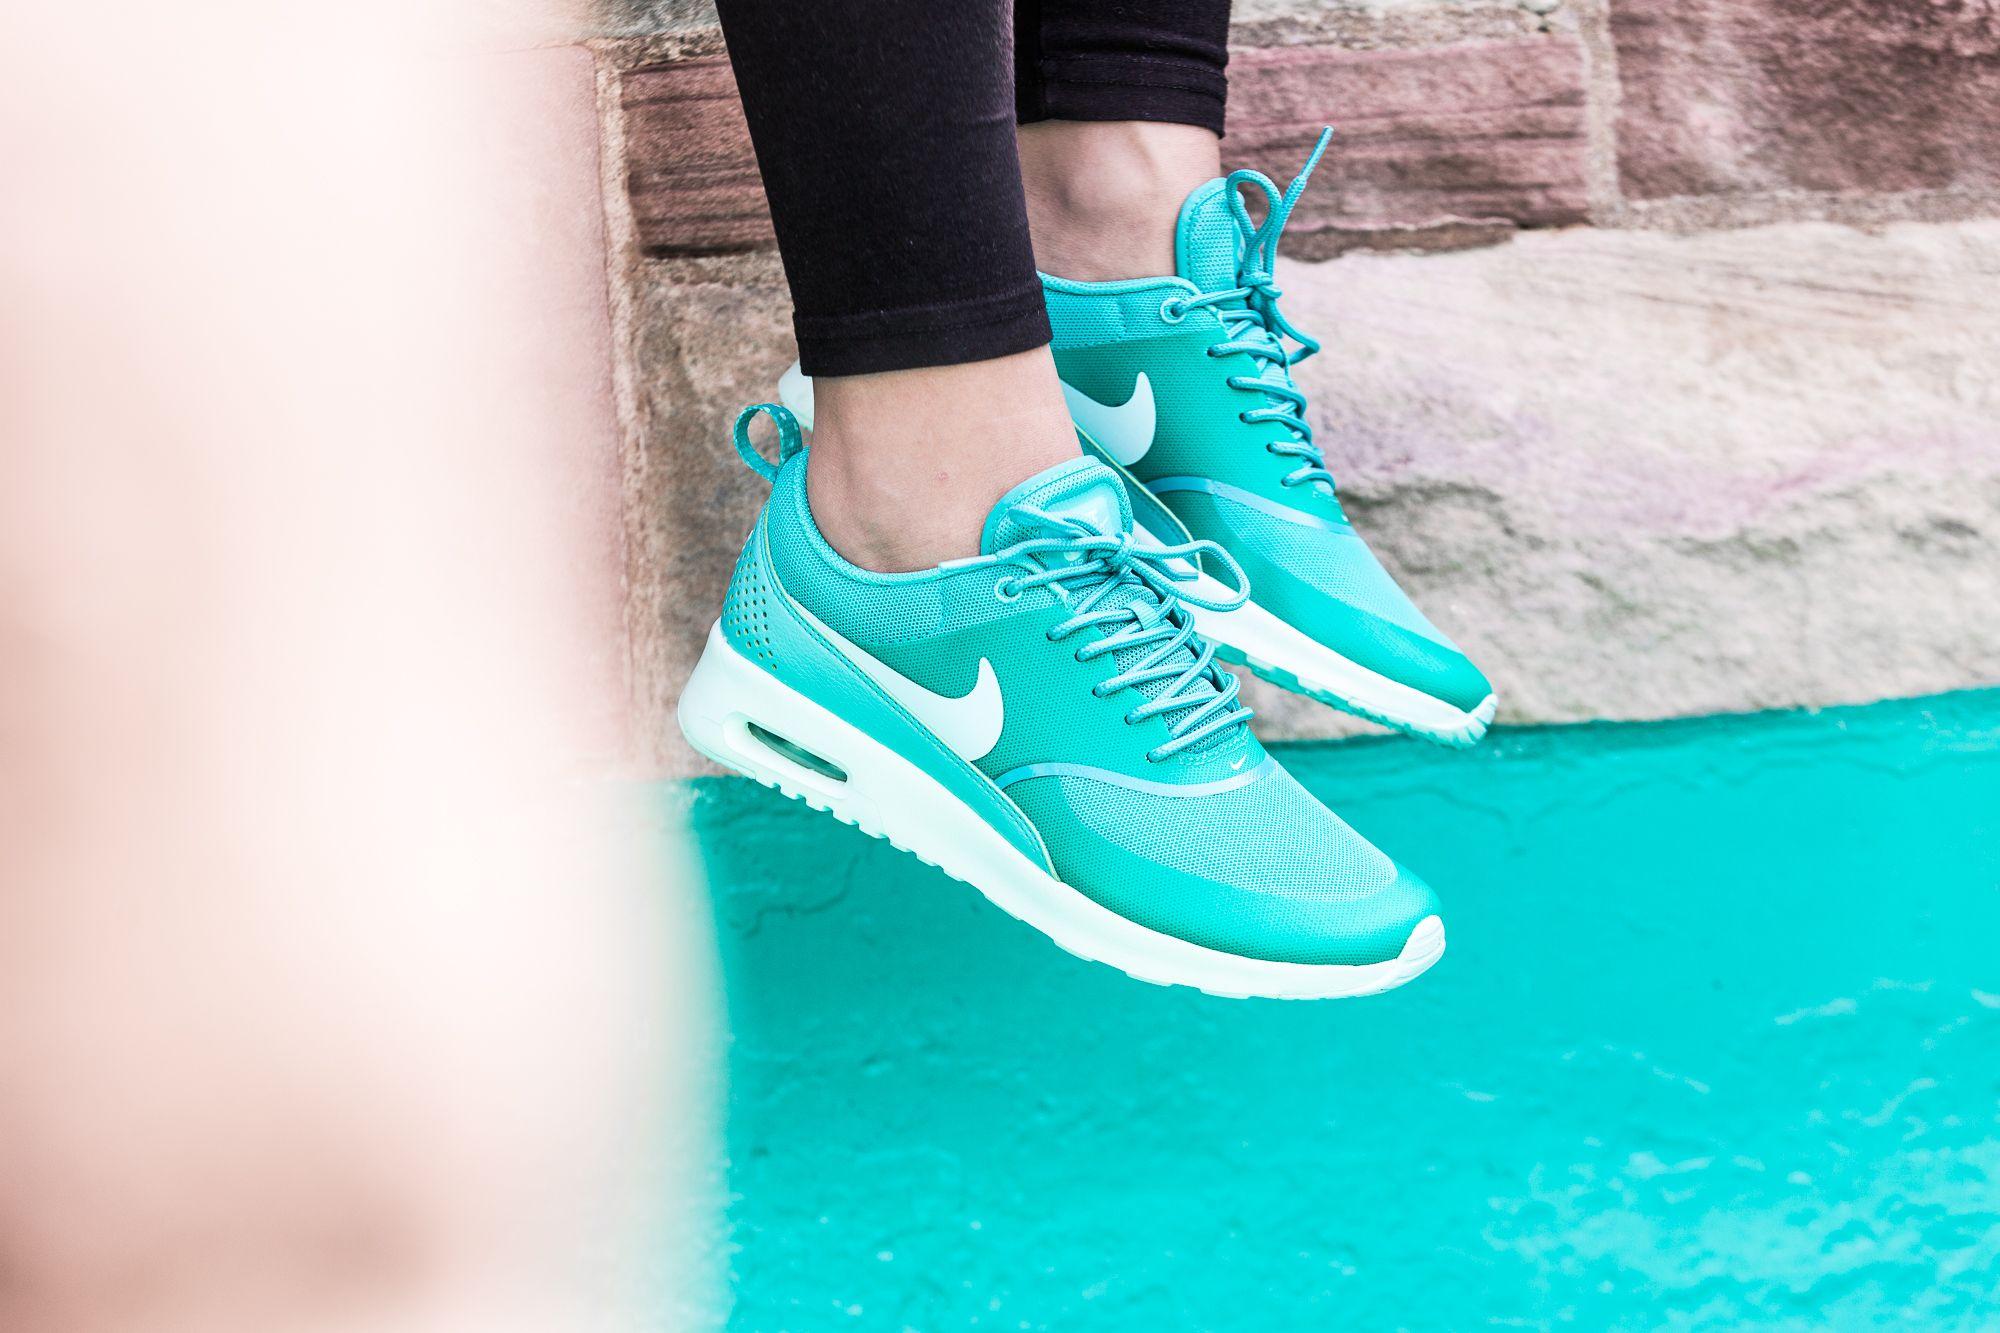 Nike Wmns Air Max Thea Turkis Nike Schuhe Nike Schuhe Frauen Schuhe Frauen